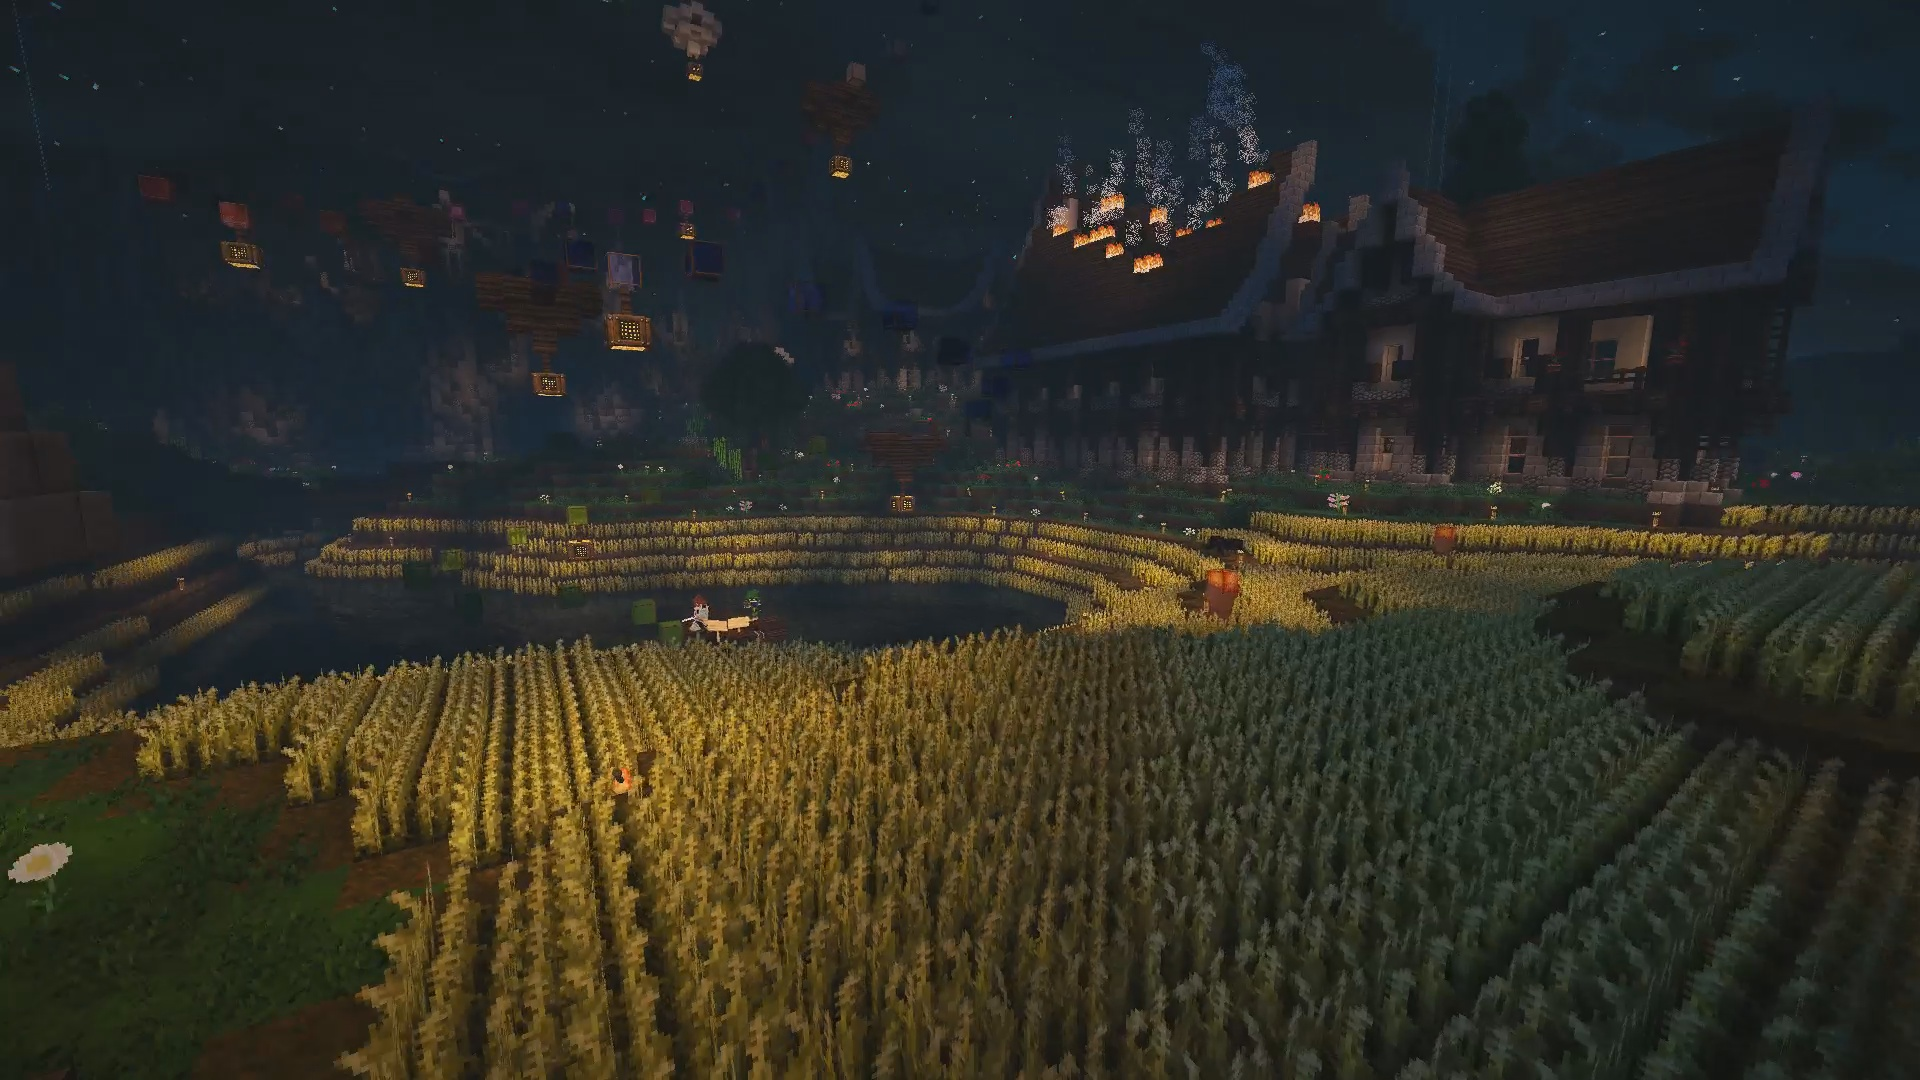 Je vous souhaite la bienvenue chez MegamicMC qui nous propose un village médiévale excellent !